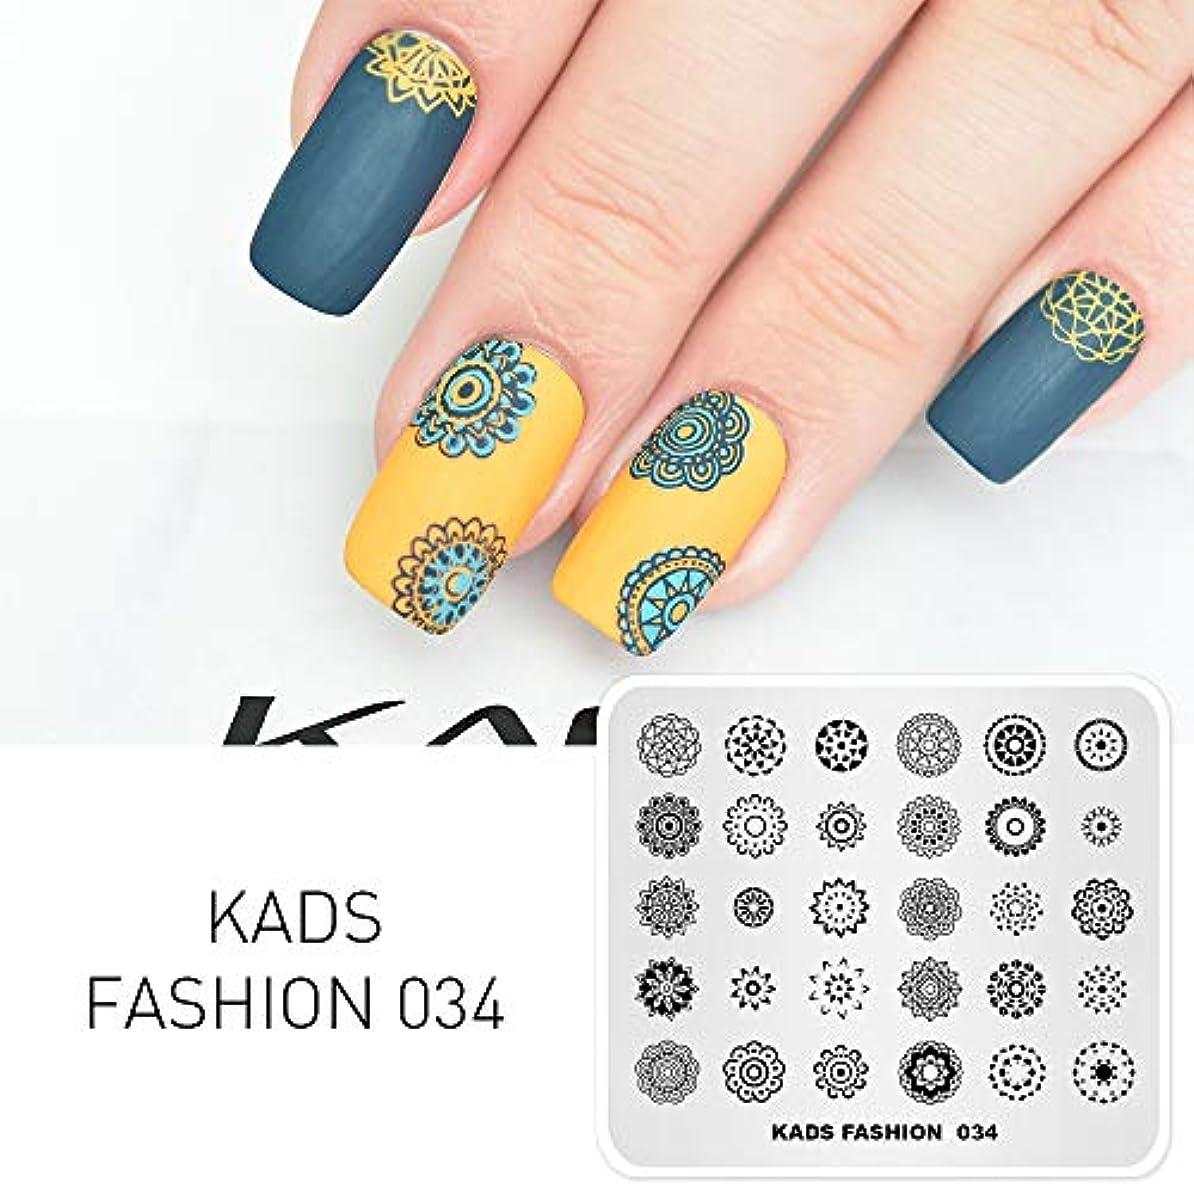 の間に見かけ上大脳KADS スタンピングプレート ネイルイメージプレート 美しい花柄 ファッションスタイル 可愛い図案 (FA034)